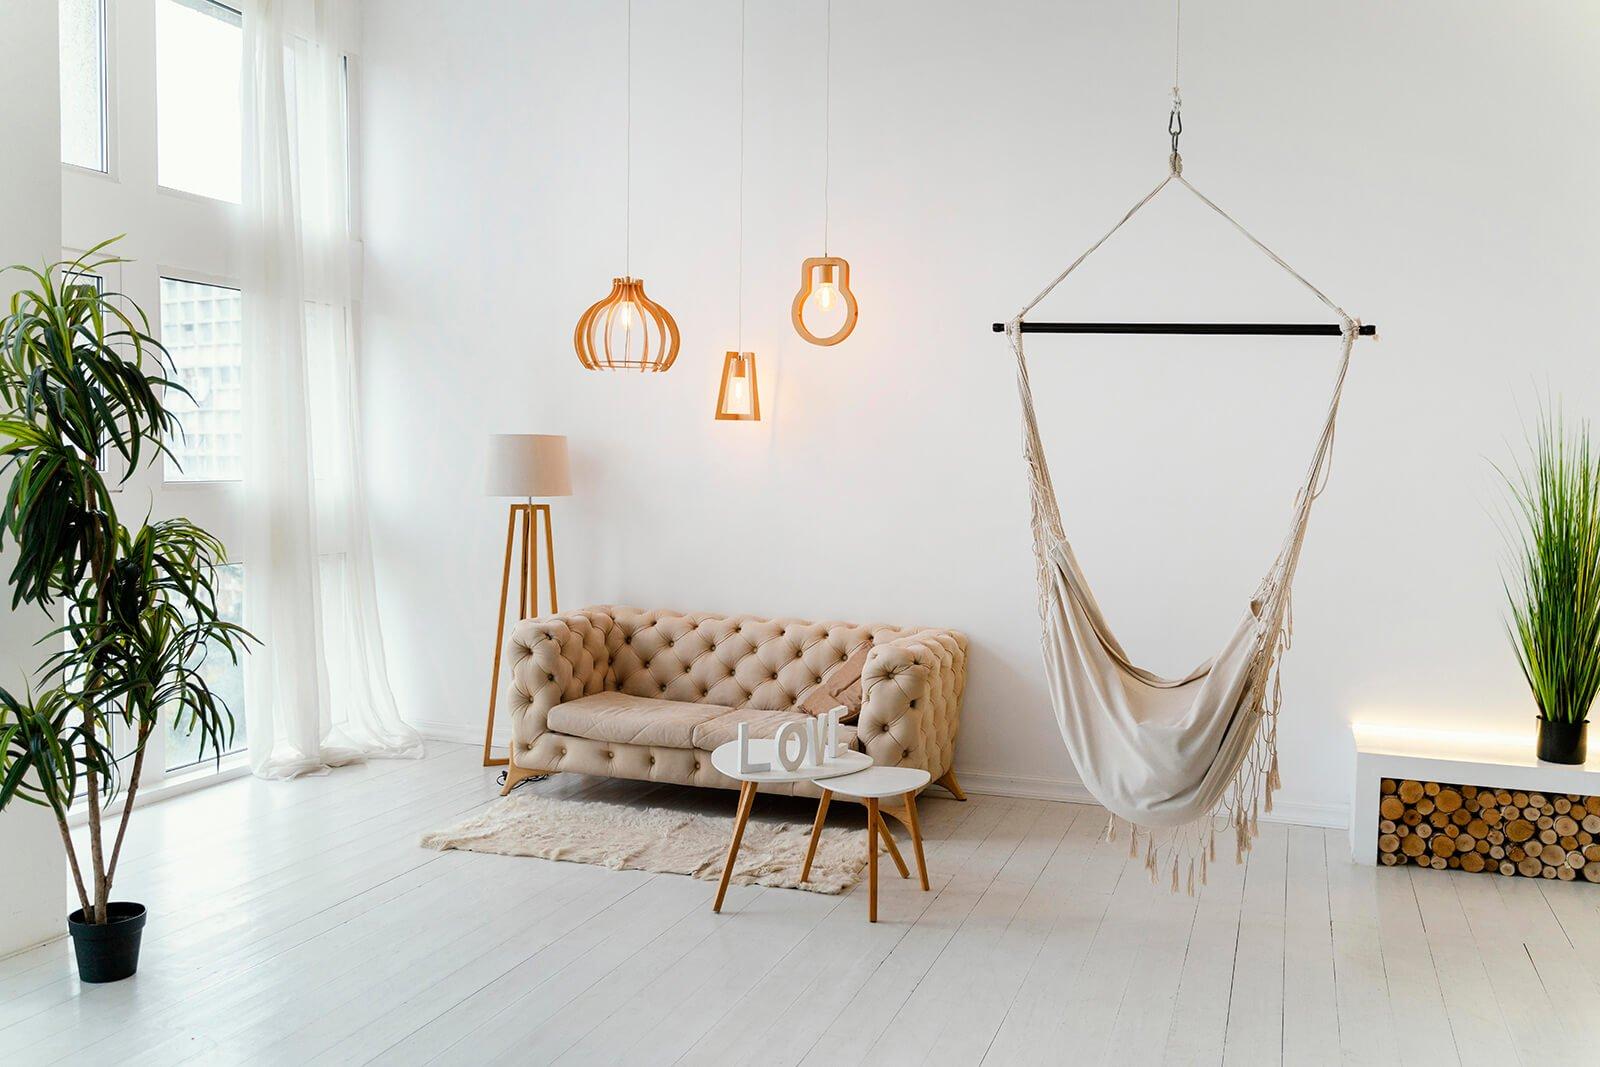 room-interior-design (4) (1)